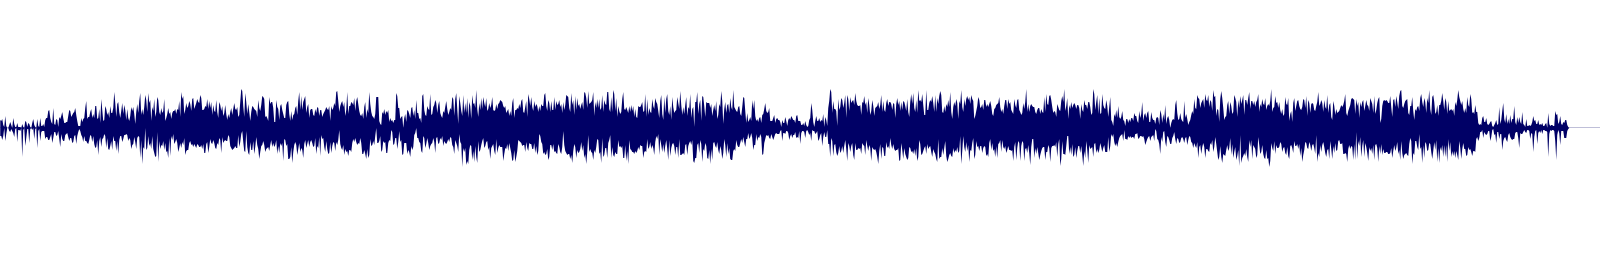 waveform of track #155027